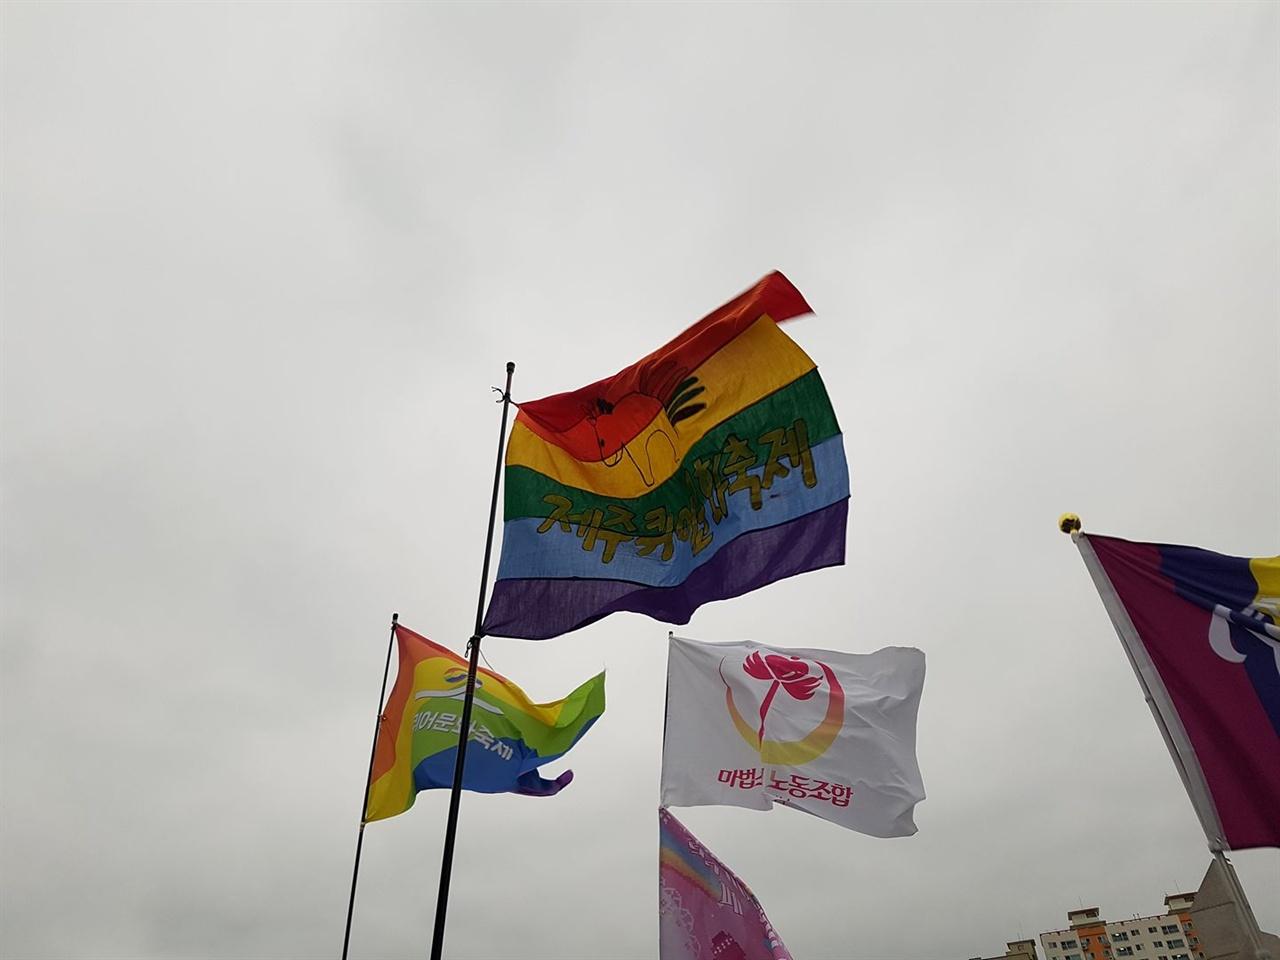 """제1회 '제주퀴어문화축제'의 공식 깃발 """"직접 손으로 그렸다""""던, 무지개 꼬리가 달린 말 마스코트가 그려진 주최측 깃발이 제주의 세찬 바닷바람에 휘날렸다. 흐린 날씨에도 나를 포함한 참가자들은 무척 즐거웠다."""